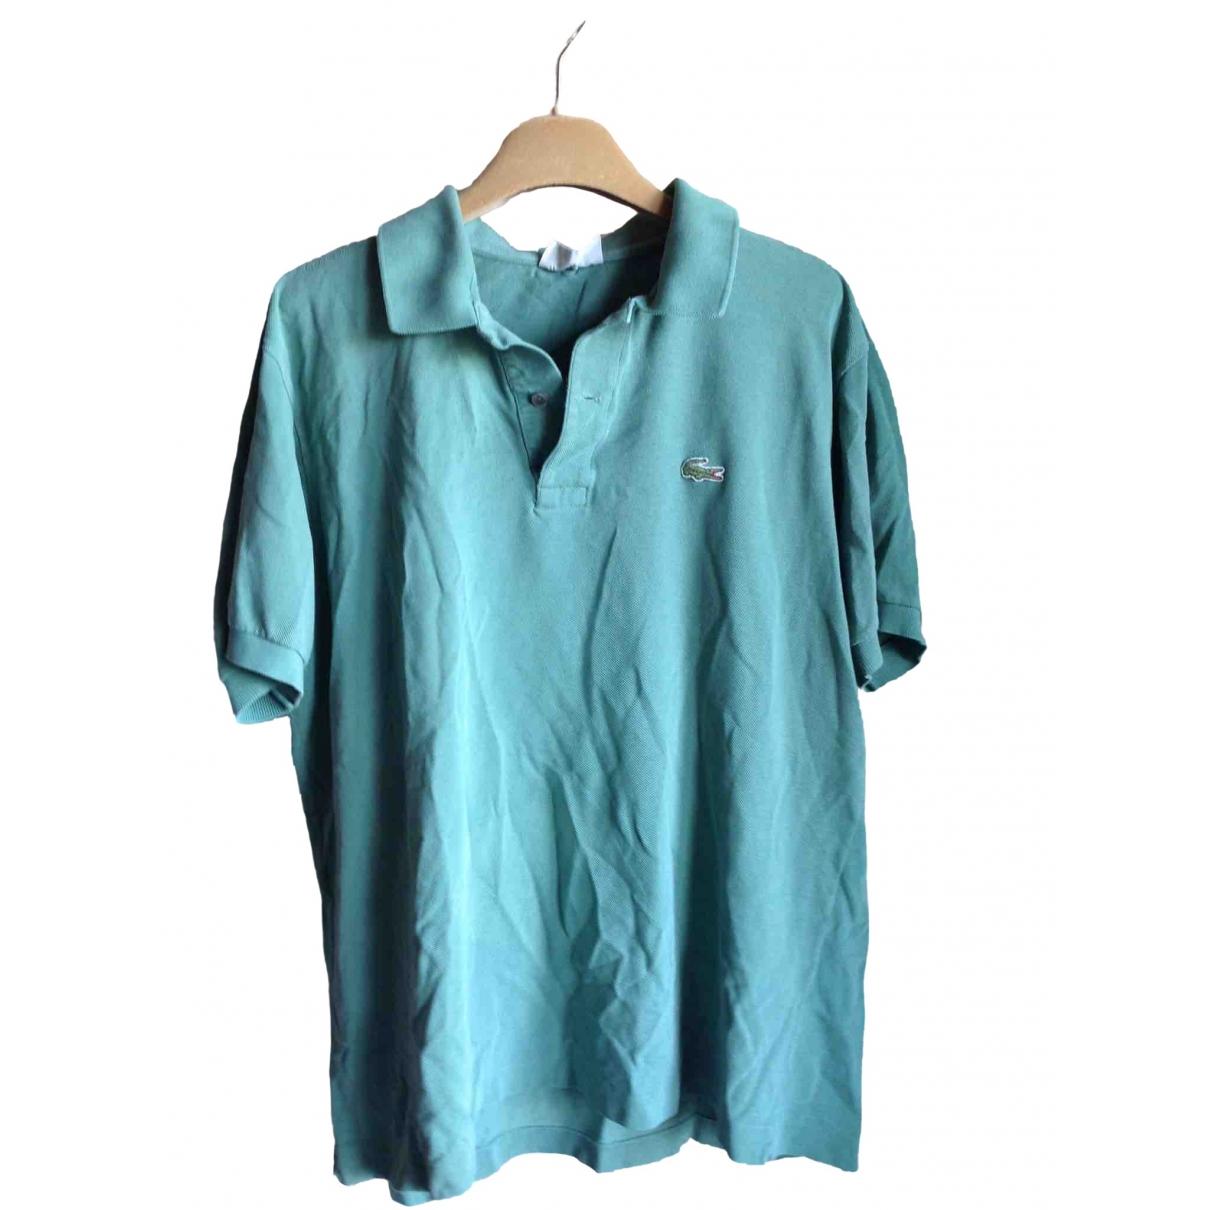 Lacoste \N Poloshirts in  Gruen Baumwolle